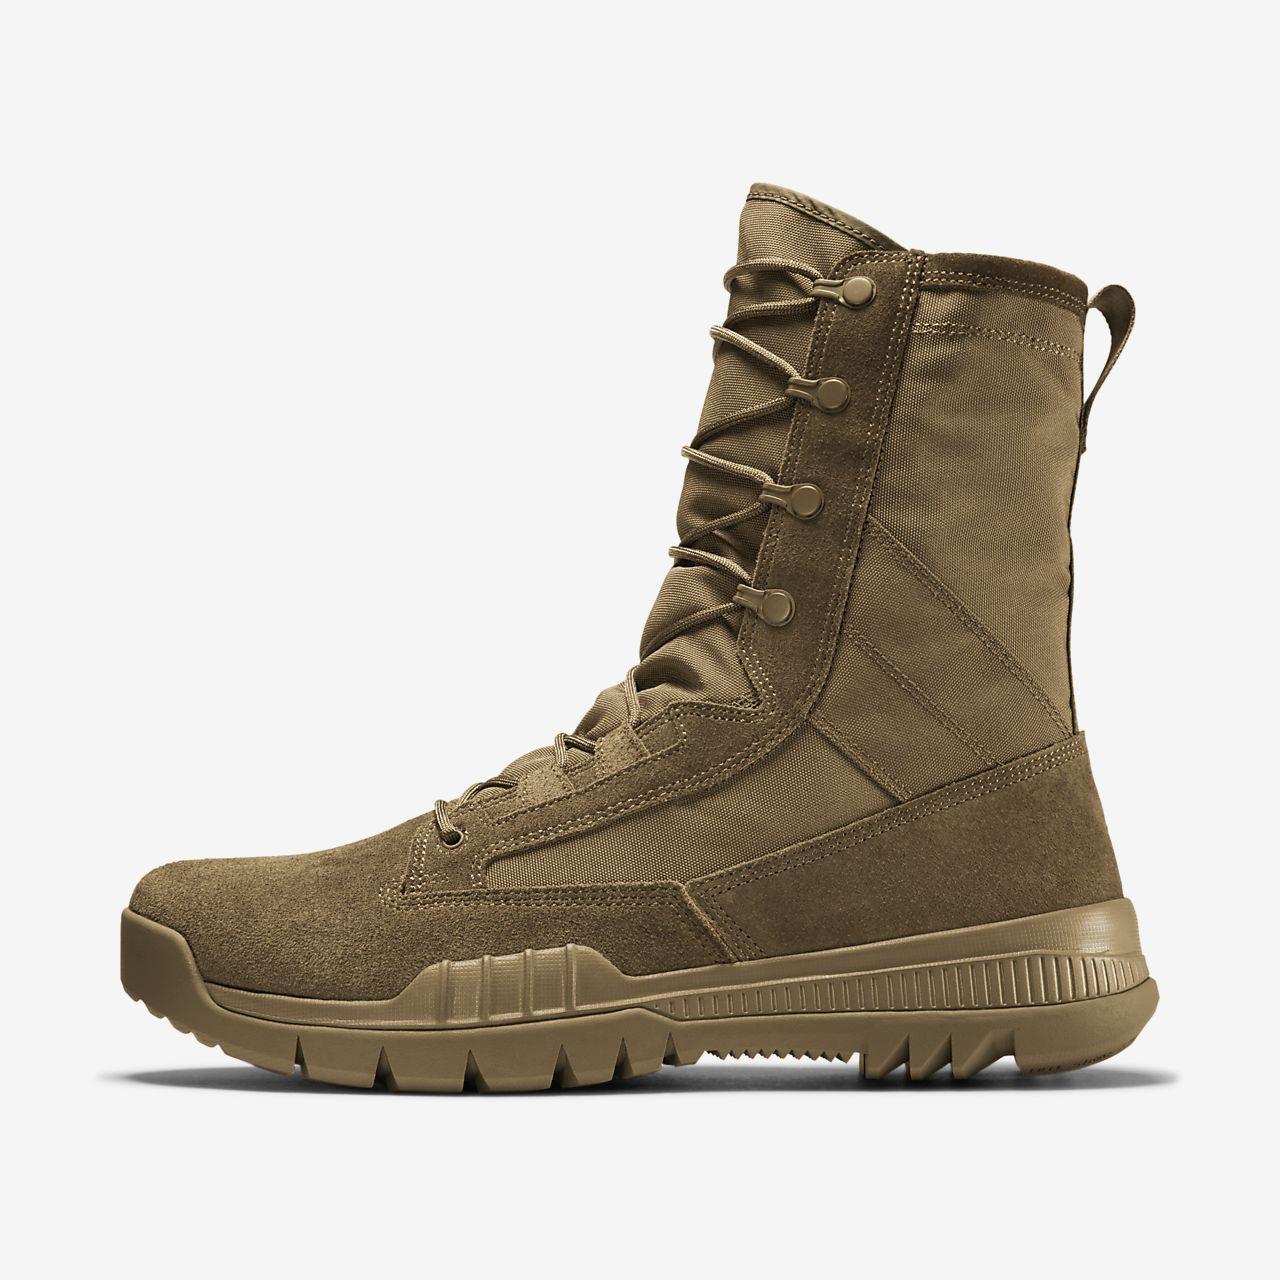 nike boots homme noir et or